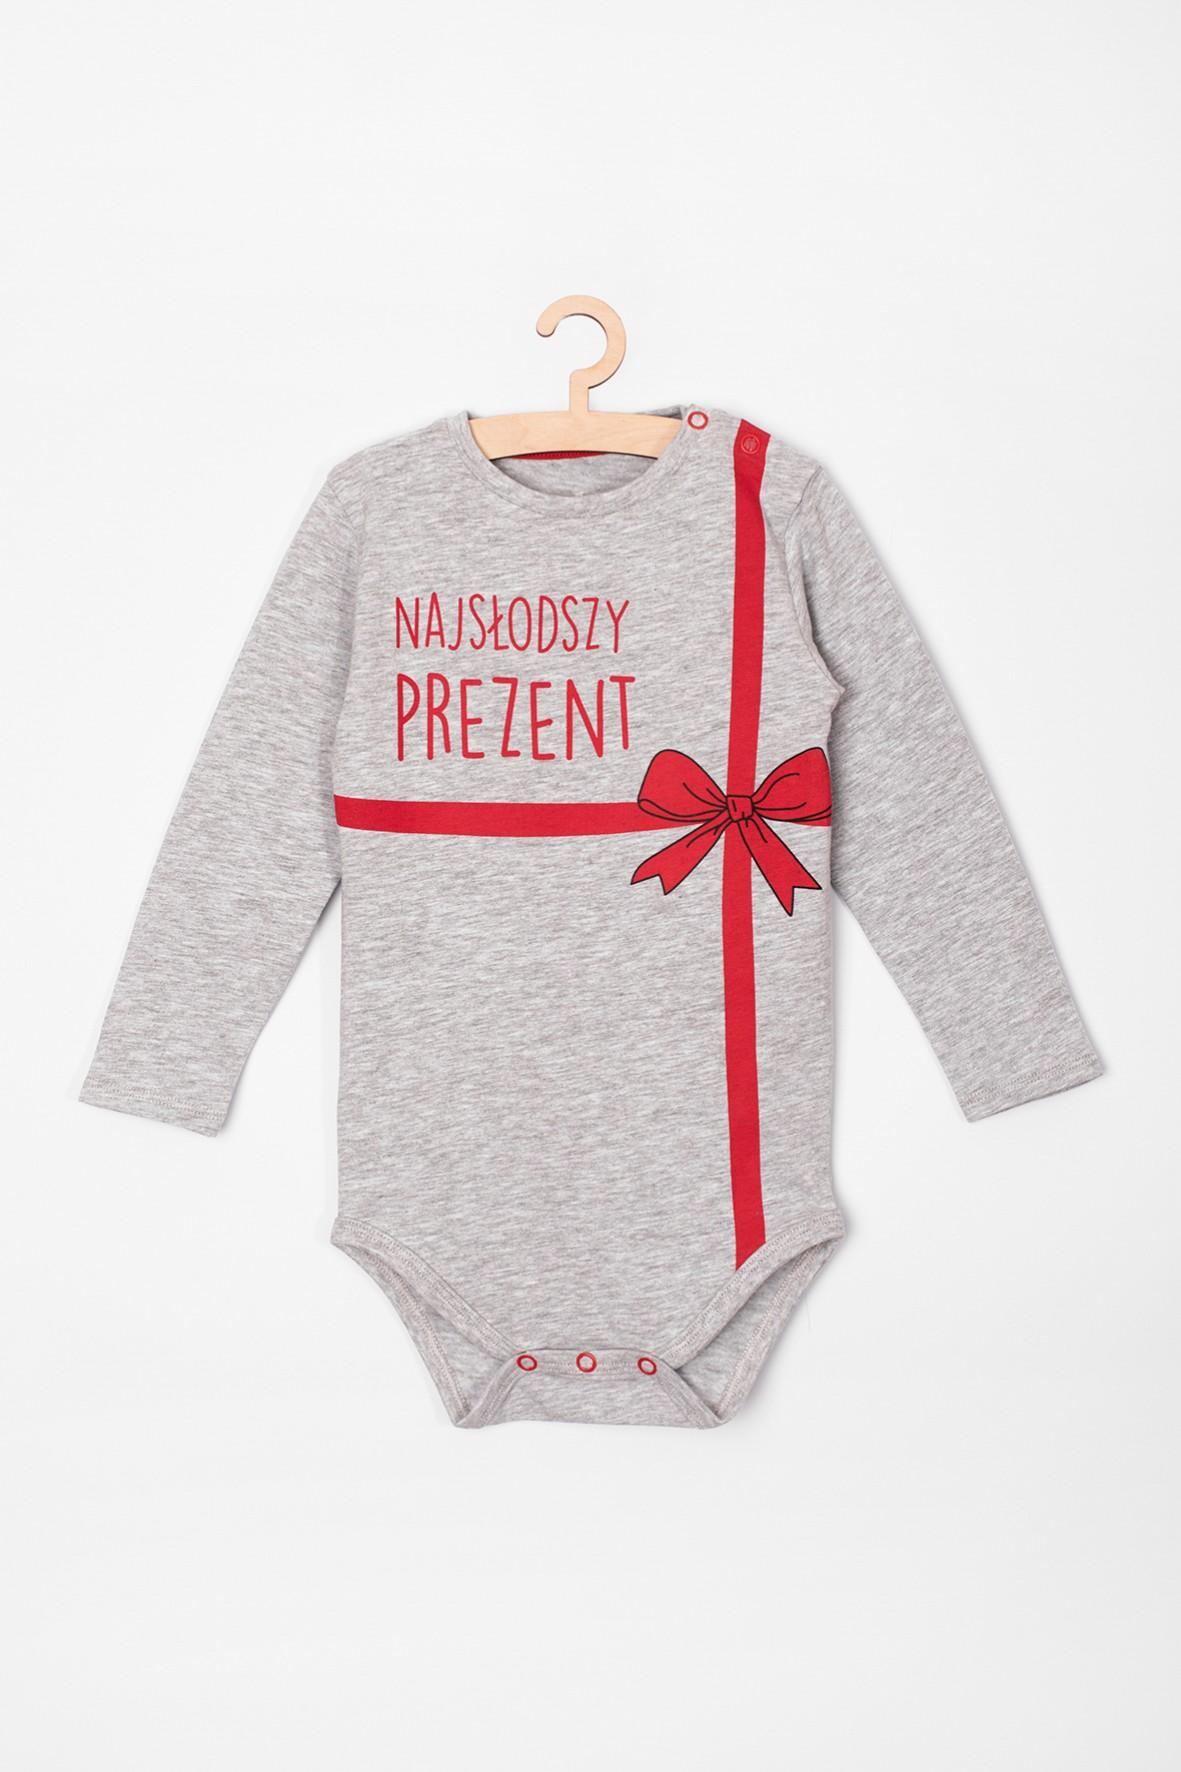 Body niemowlęce szare z napisem- Najsłodszy prezent